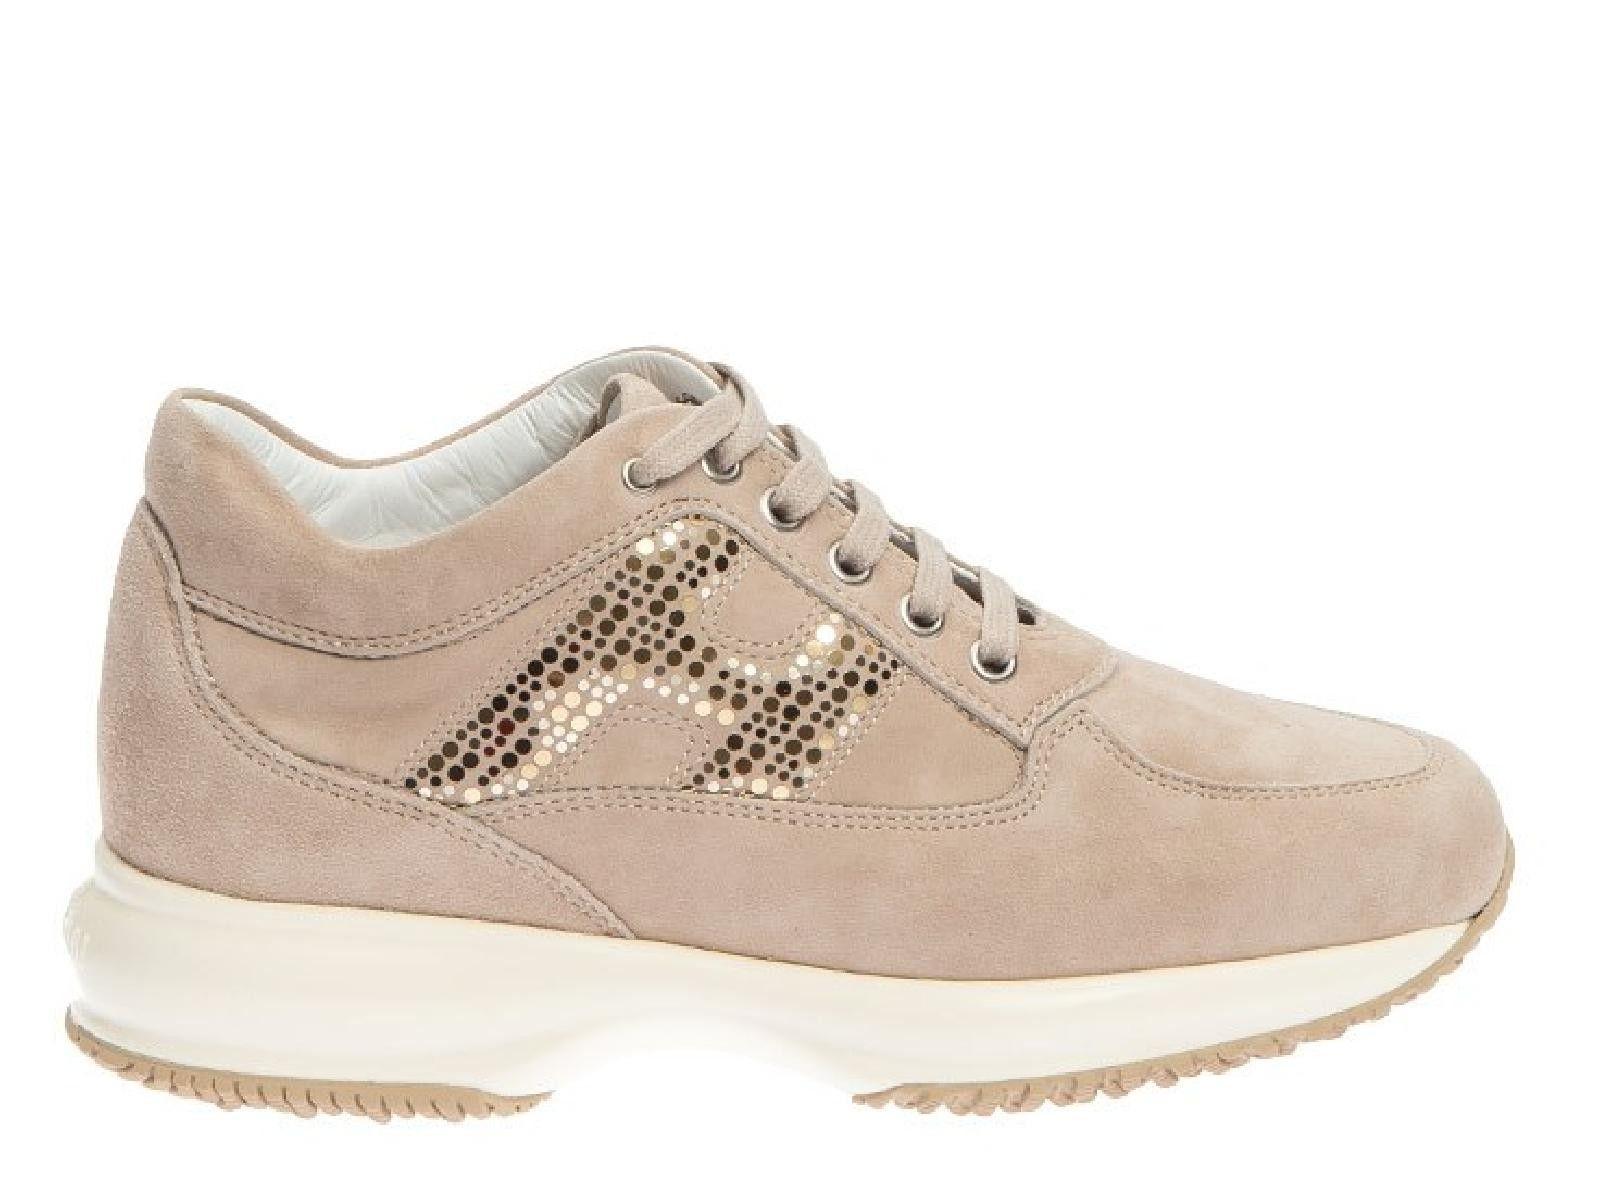 Hogan Beige Suede Sneakers